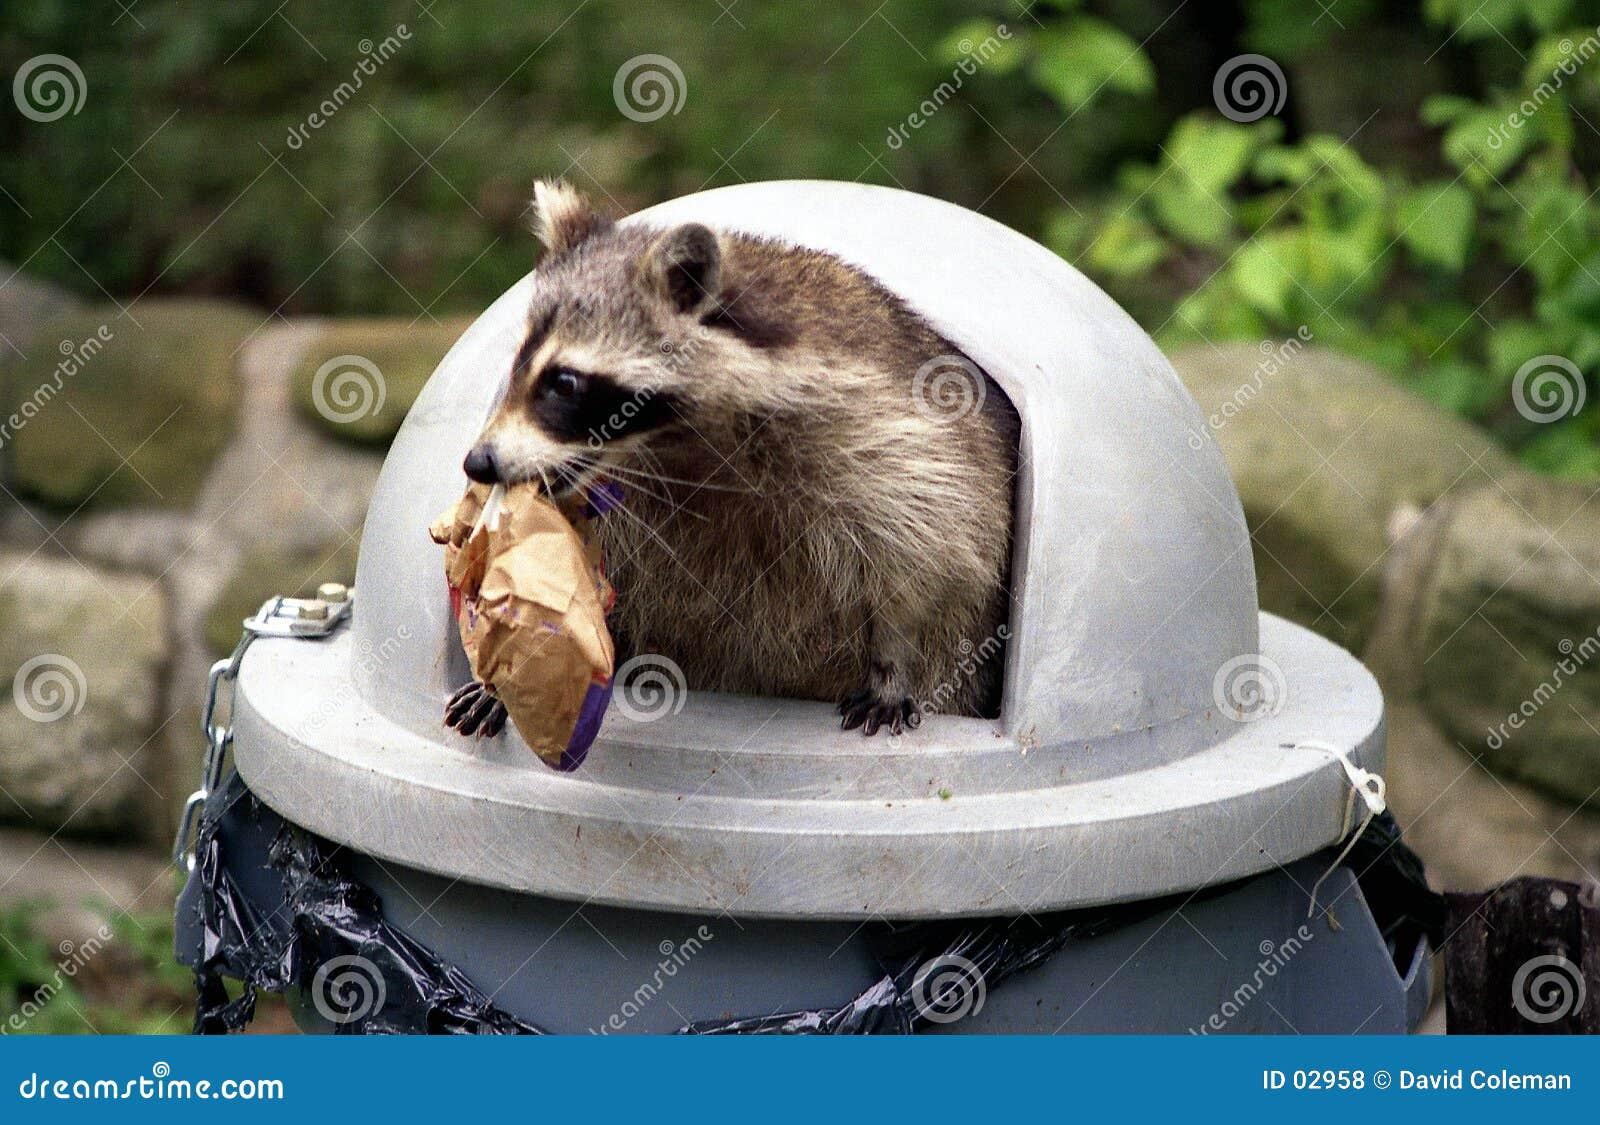 Kan raccoonen som plundrar avfall